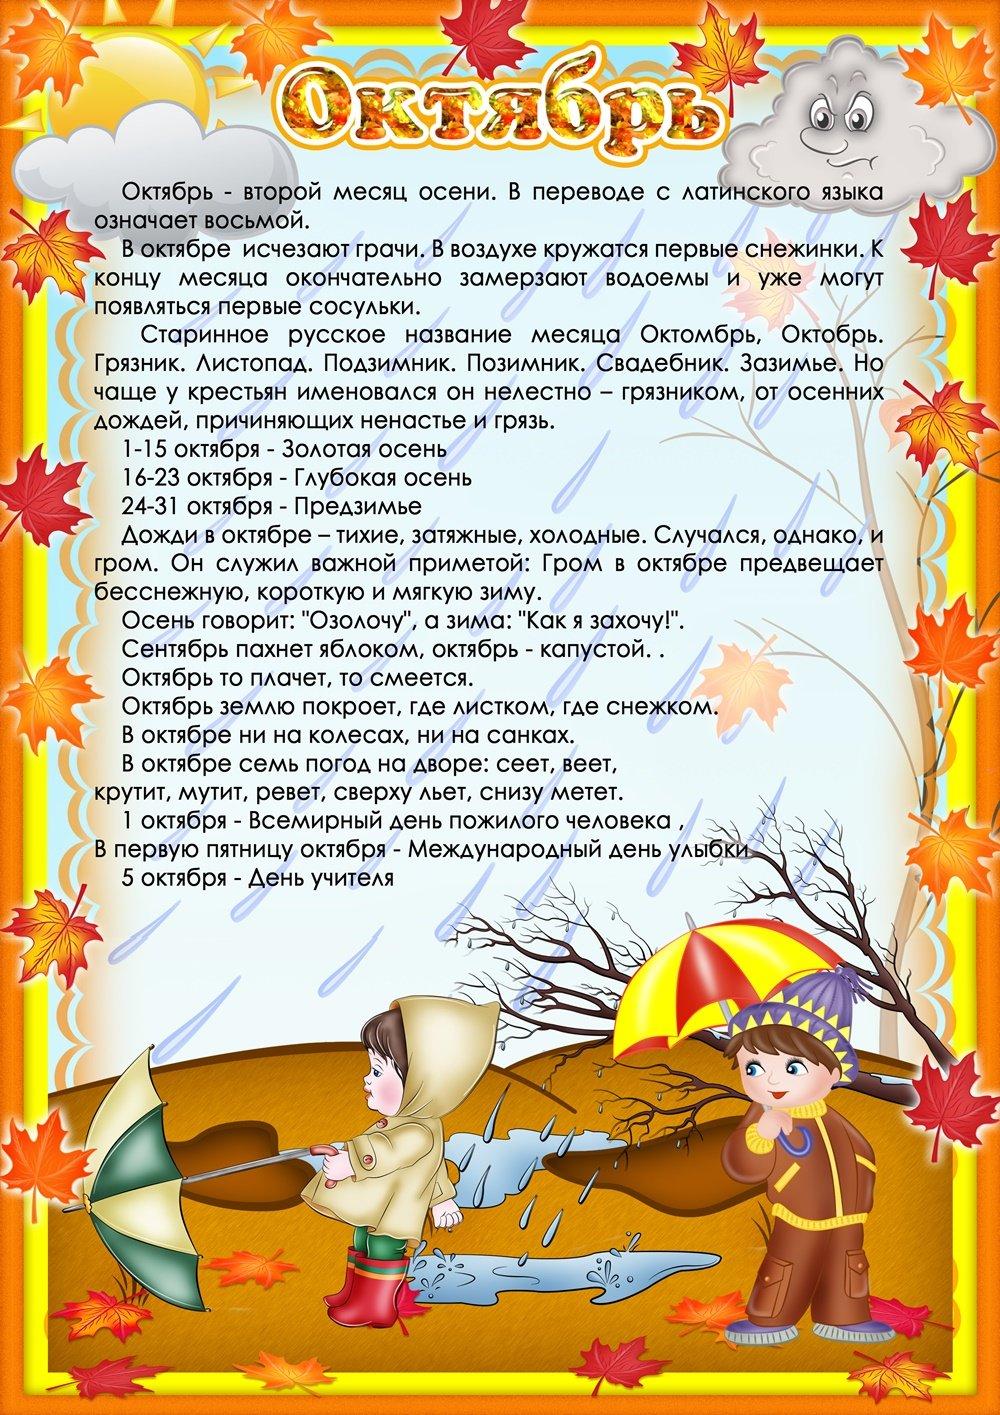 Картинки для детского сада сентябрь